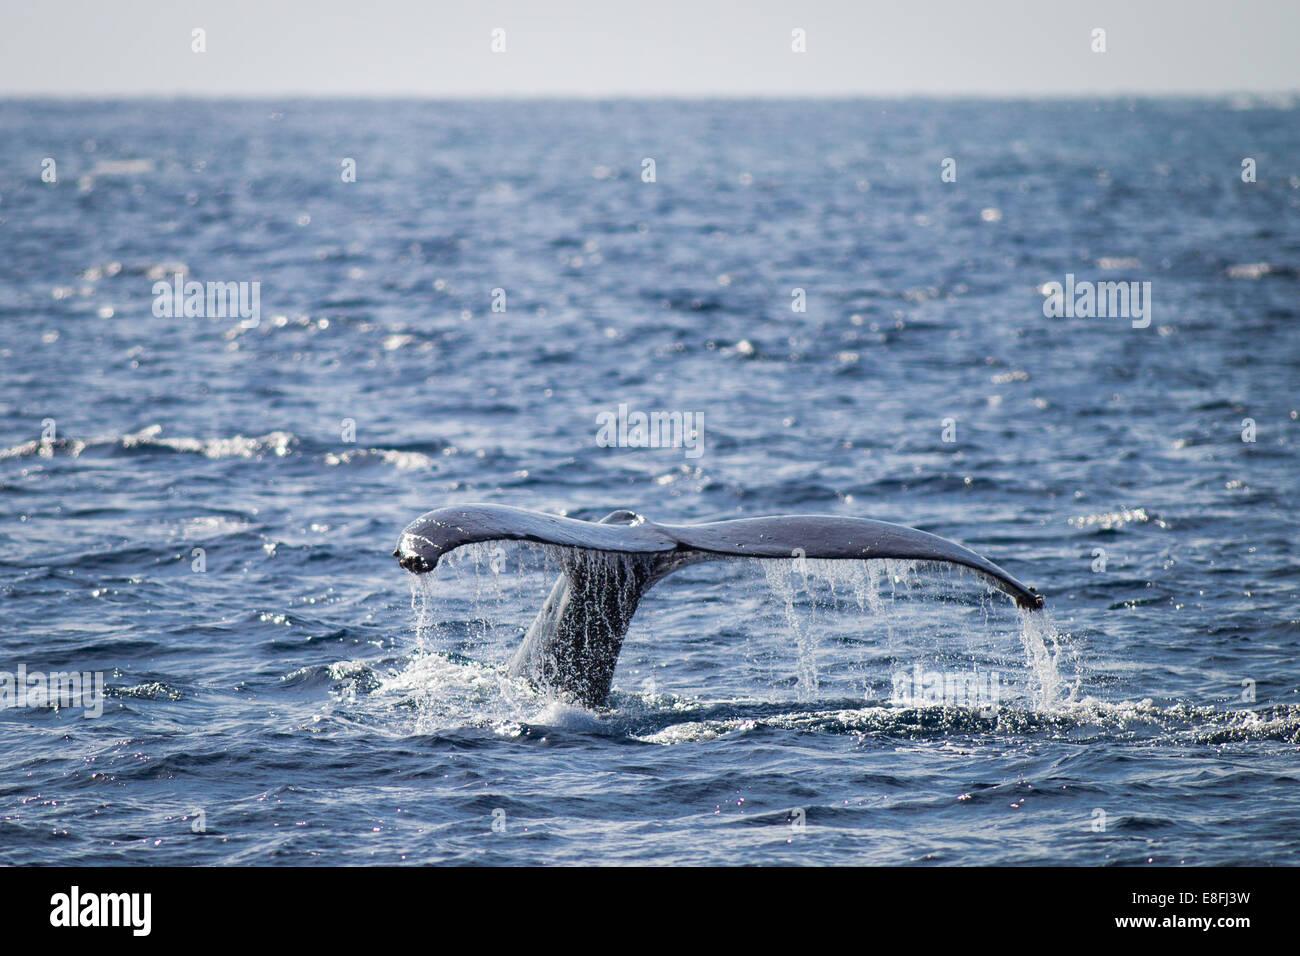 Cola de ballena salpicando, Okinawa, Japón Imagen De Stock